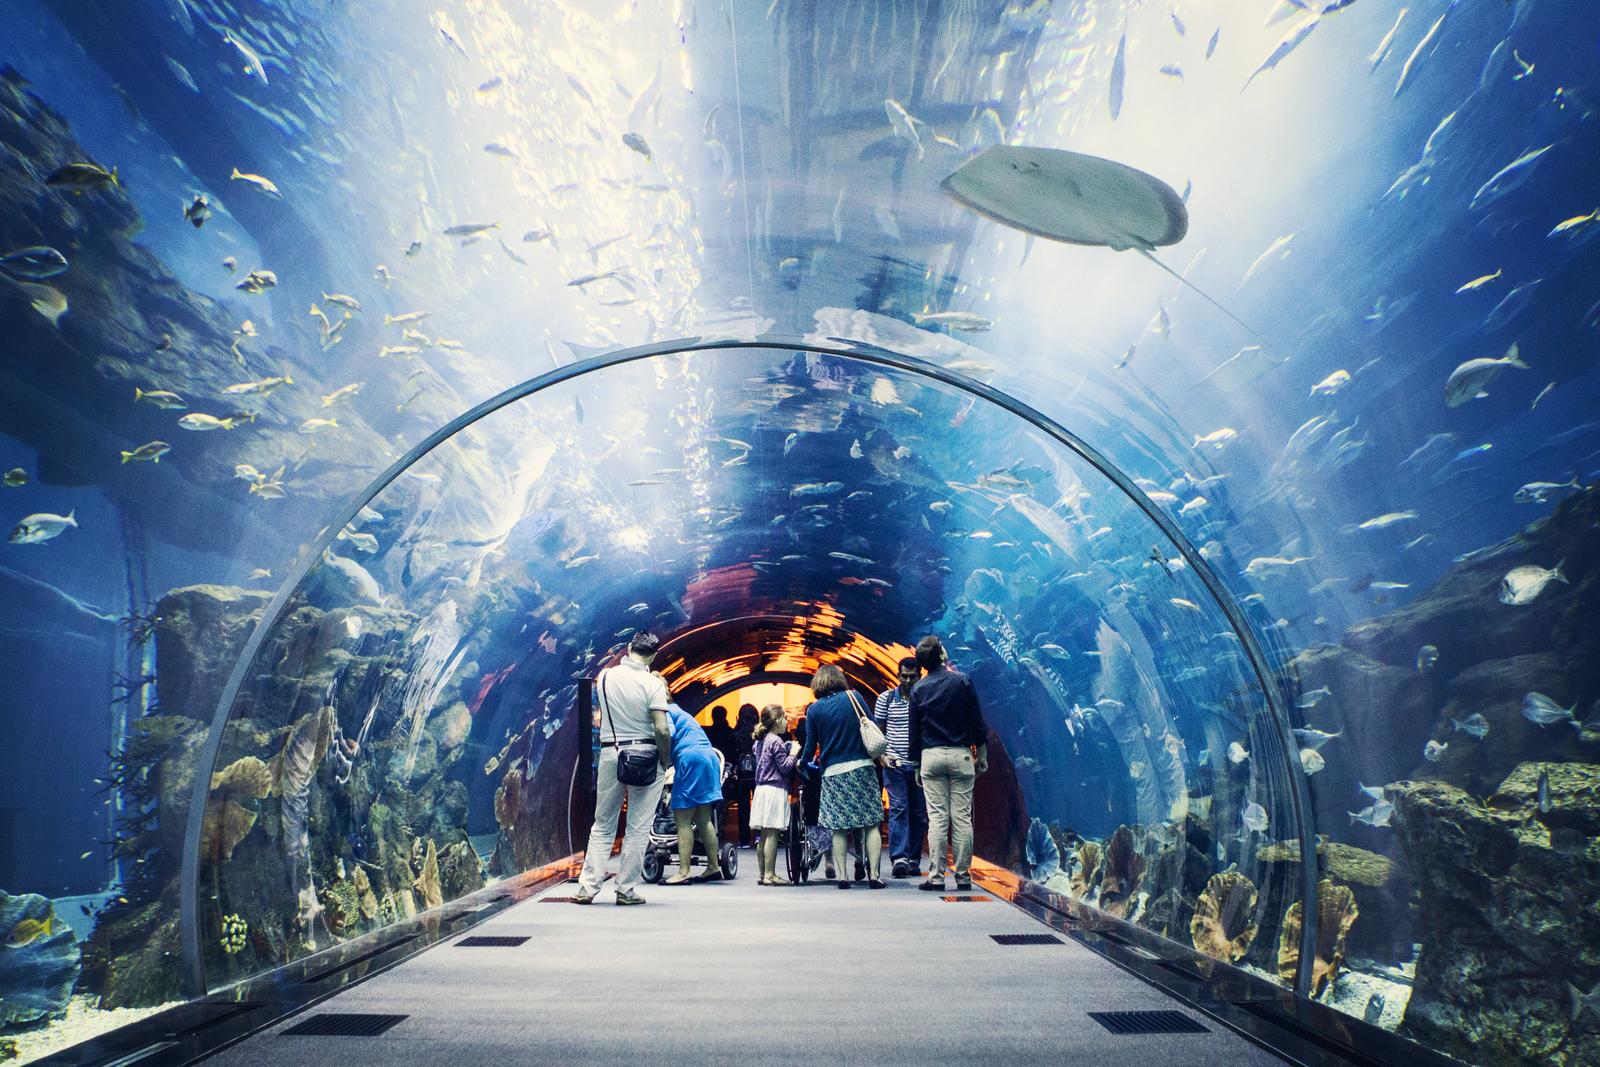 Сколько стоит океанариум в дубай молле квартиры Fujairah Аль-Фака